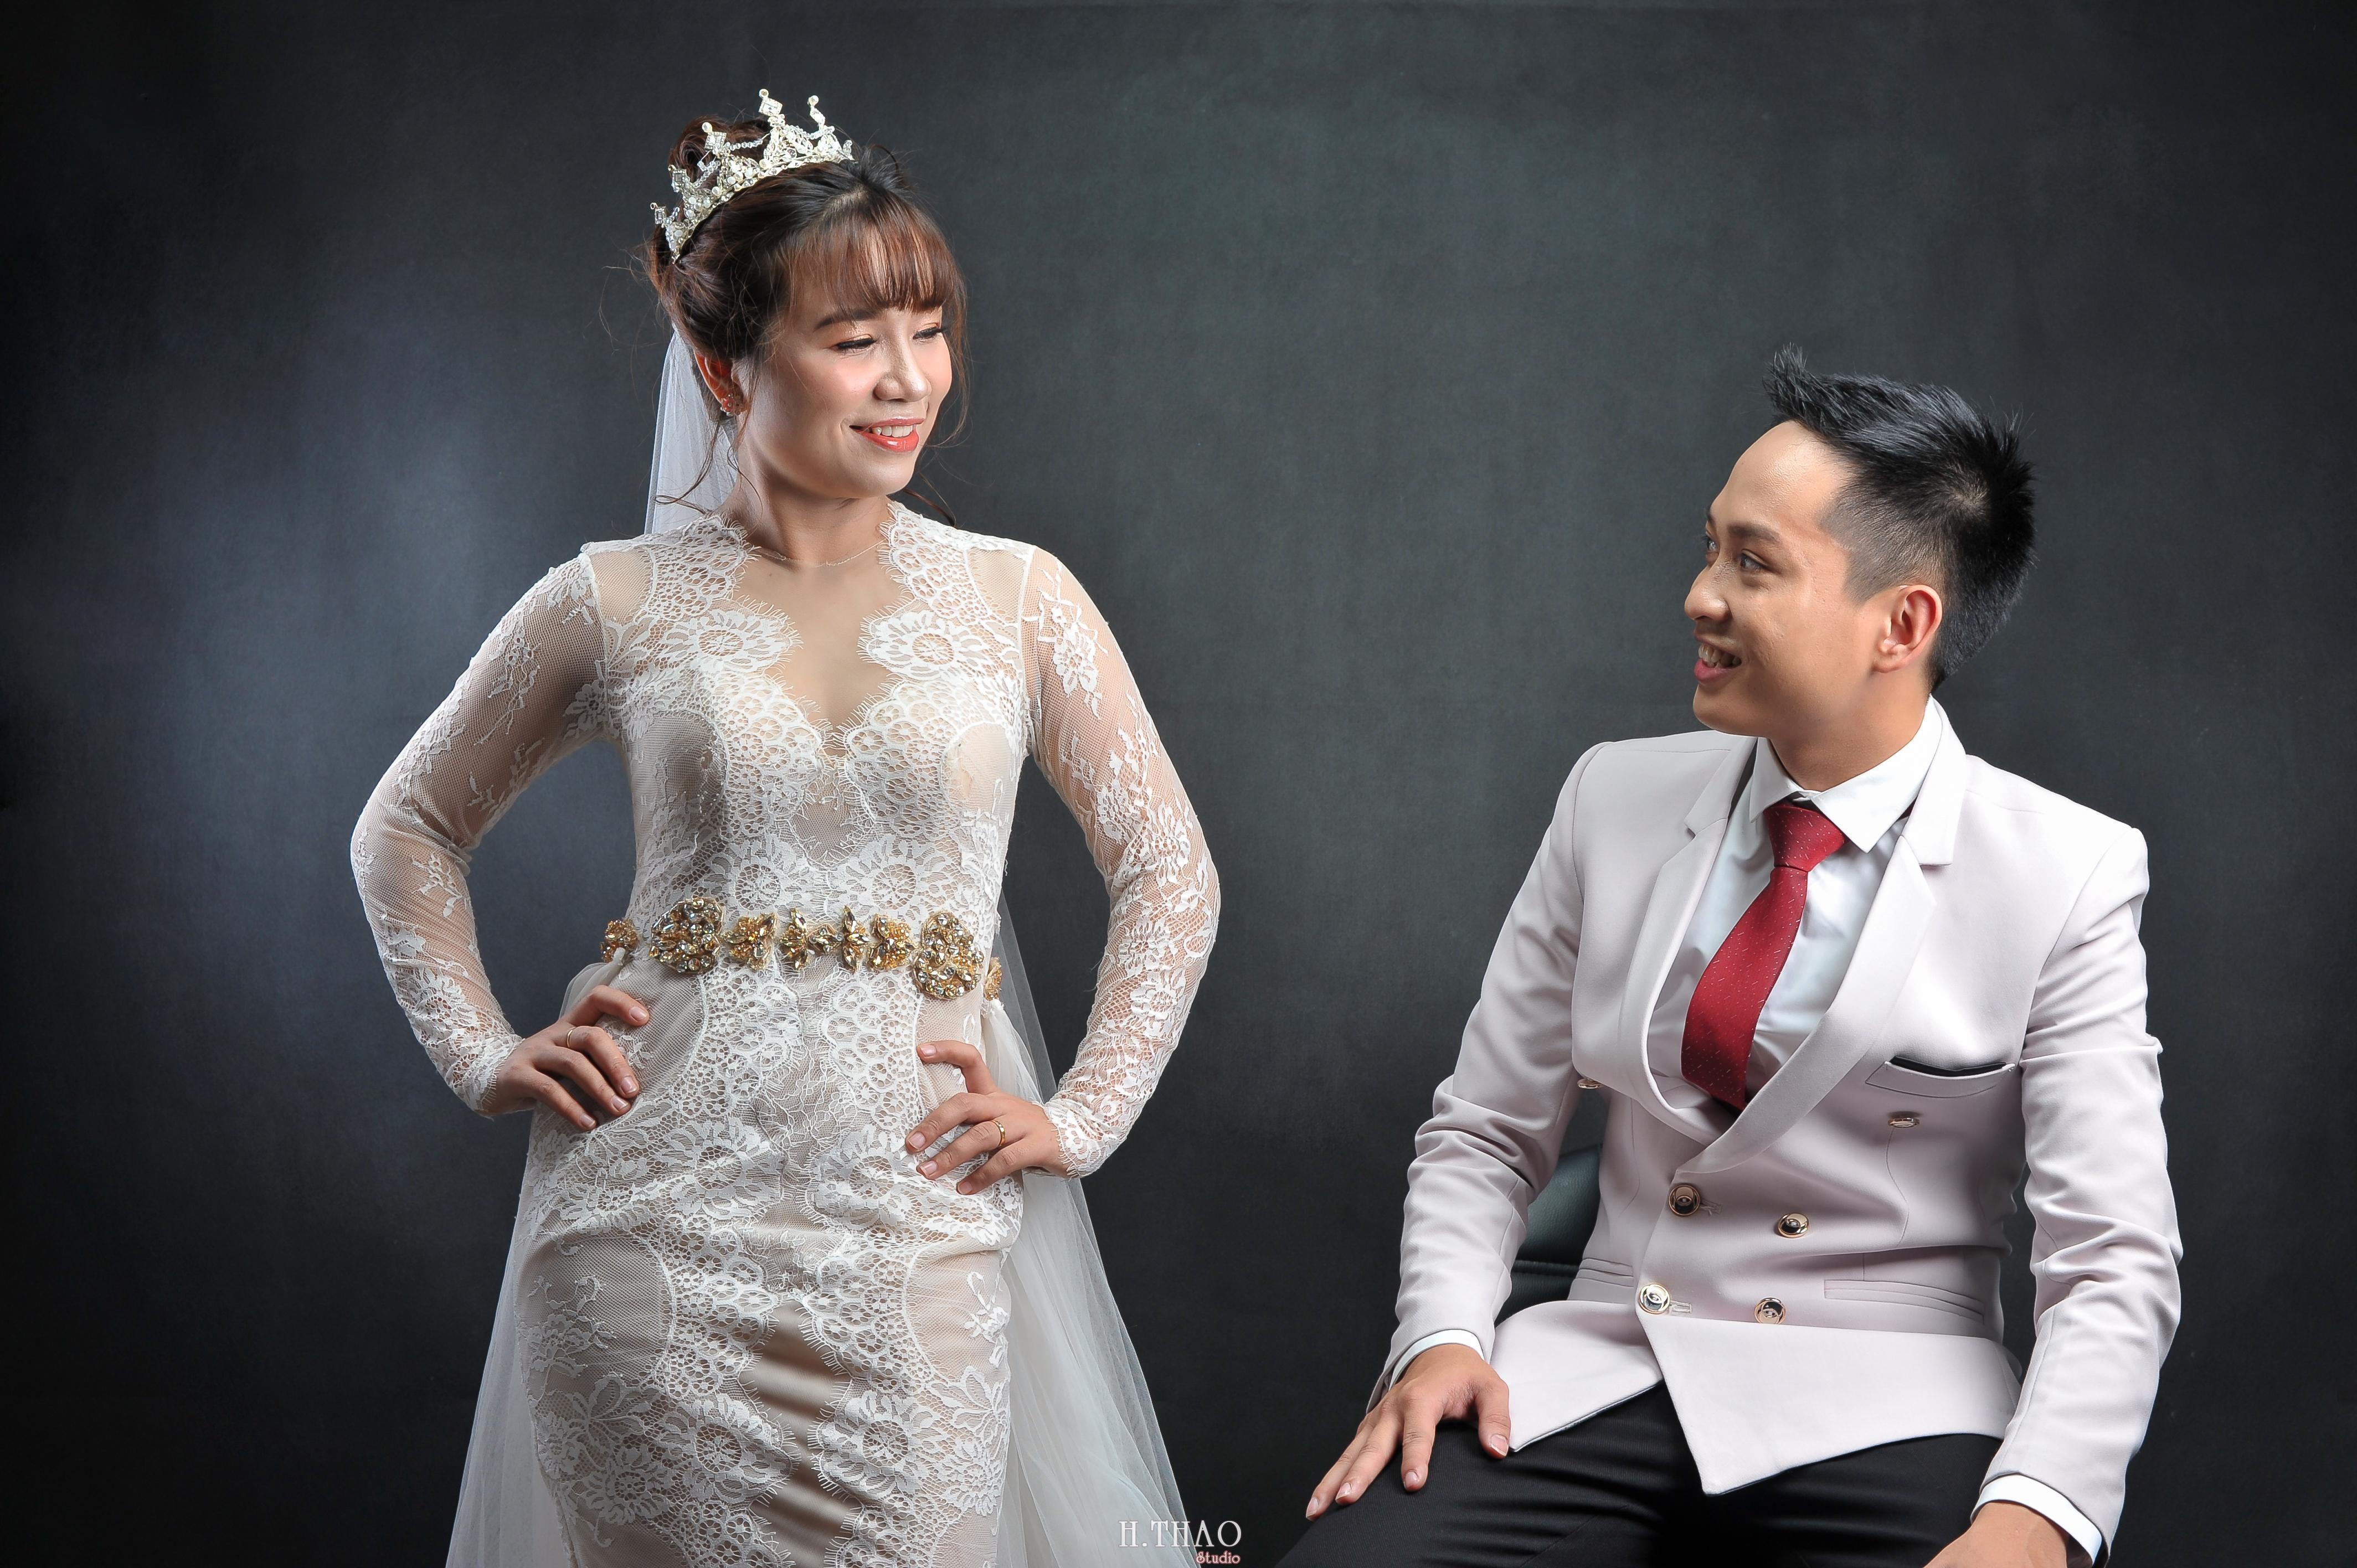 Anh cuoi style Han quoc 9 min - Chụp ảnh cưới đơn giản mà đẹp tại studio – HThao Studio Tp.HCM